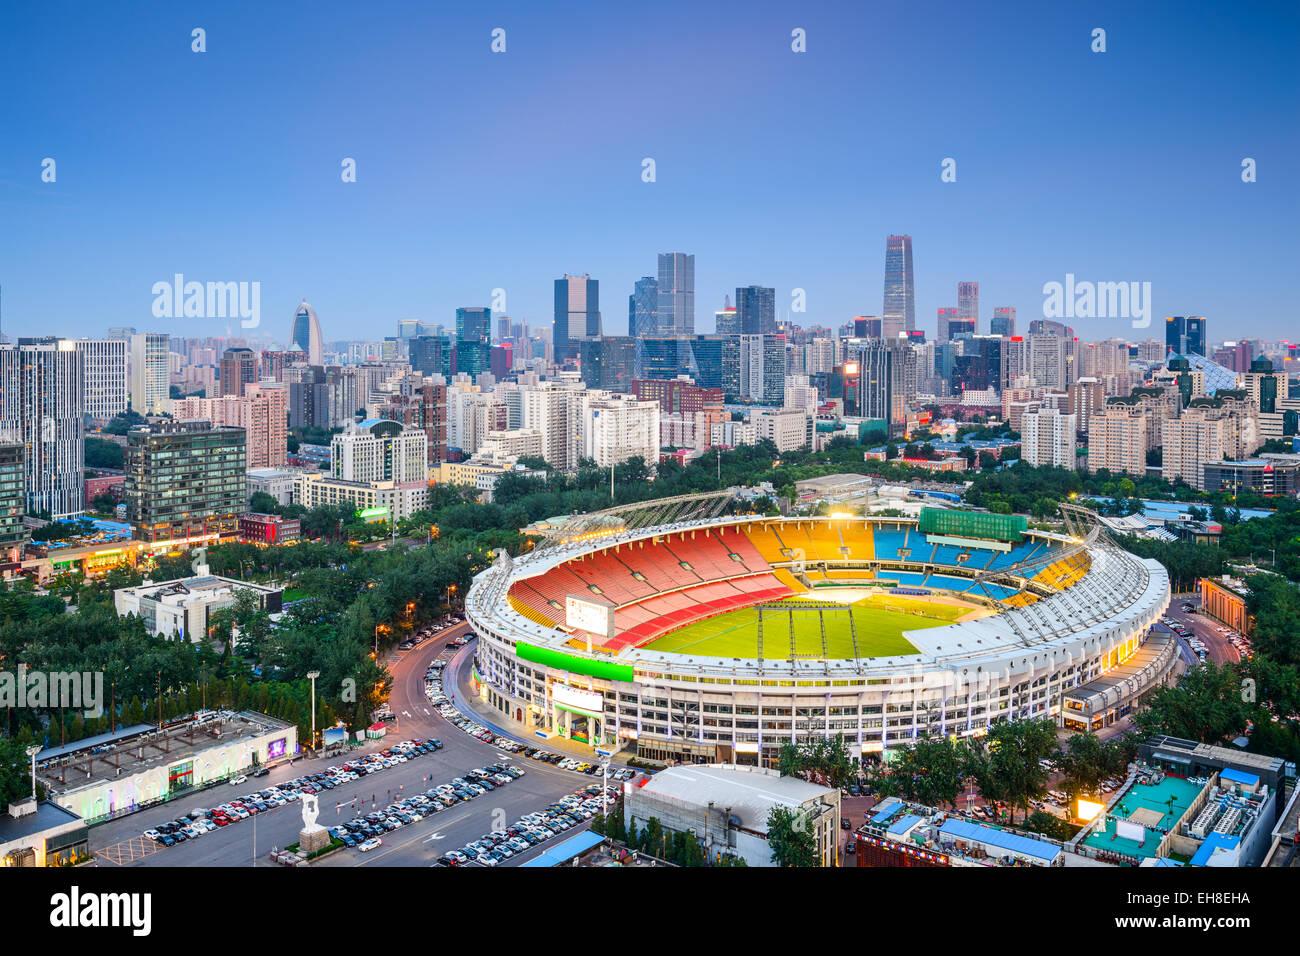 Beijing, China el paisaje urbano a través del estadio hacia el CBD. Imagen De Stock